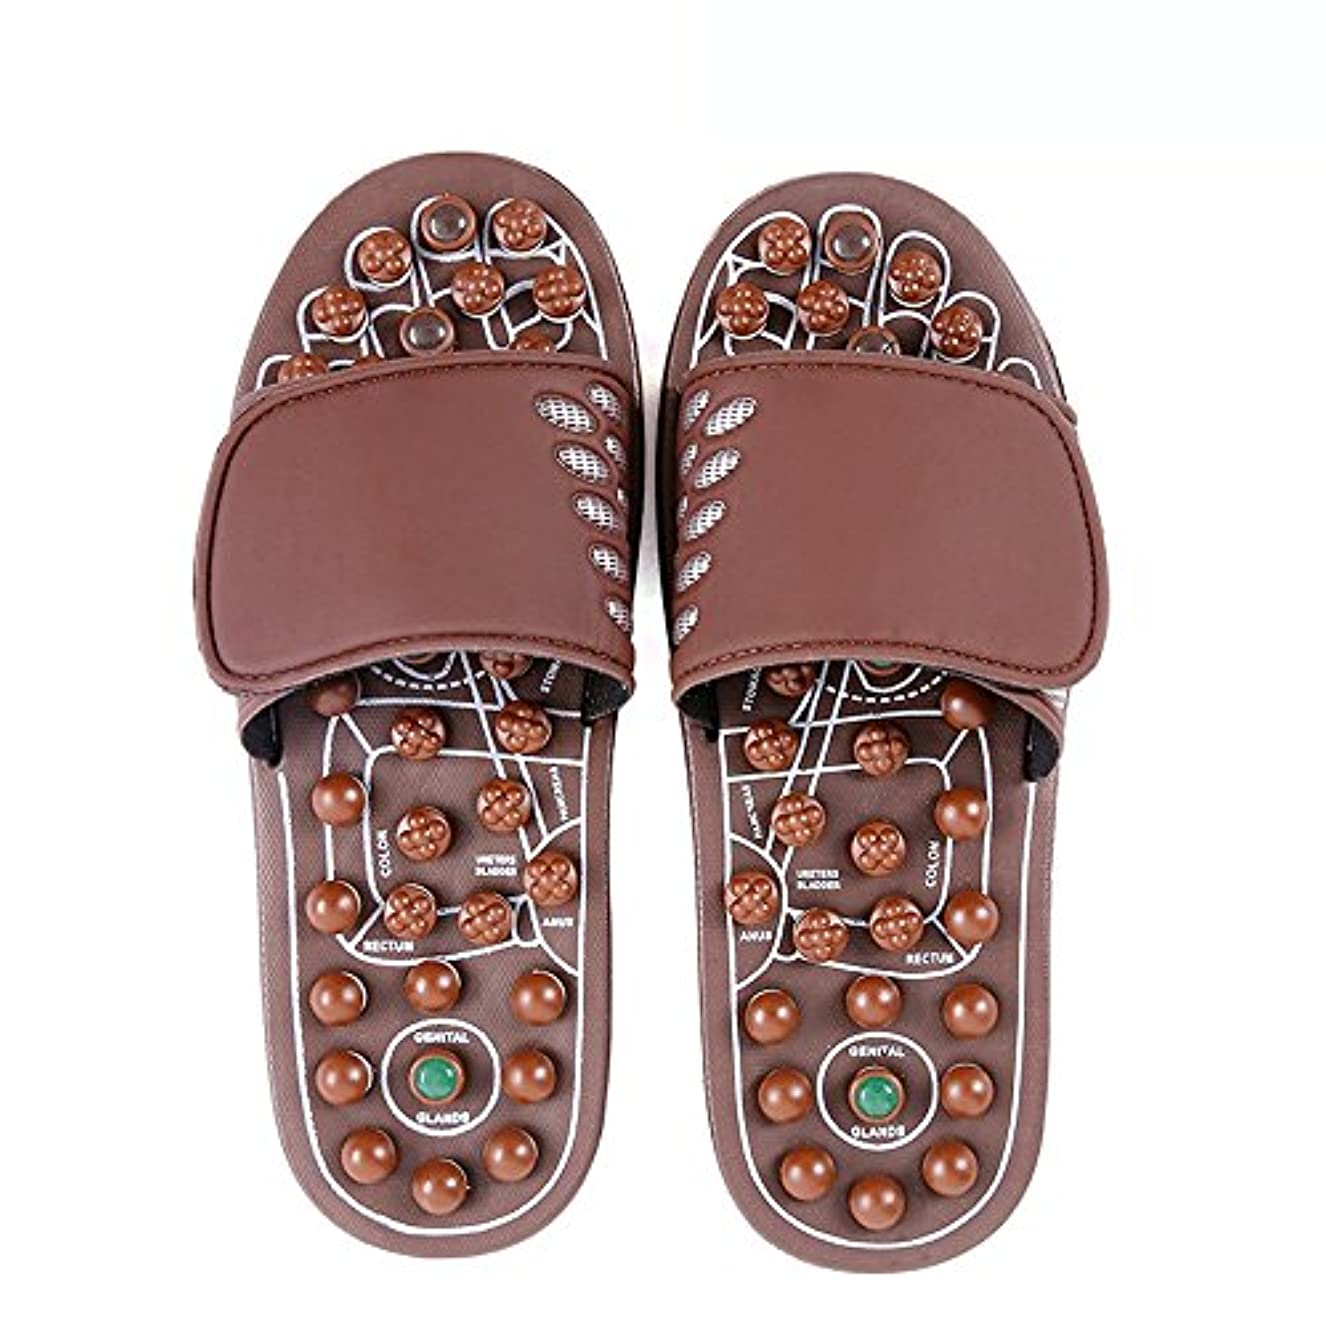 パワー海外限り快適 ジェイドマッサージスリッパ女性の足指圧ホームシューズ滑り止めスリッパ屋内マッサージシューズ(オプションのサイズ) 増加した (サイズ さいず : L(43-46))